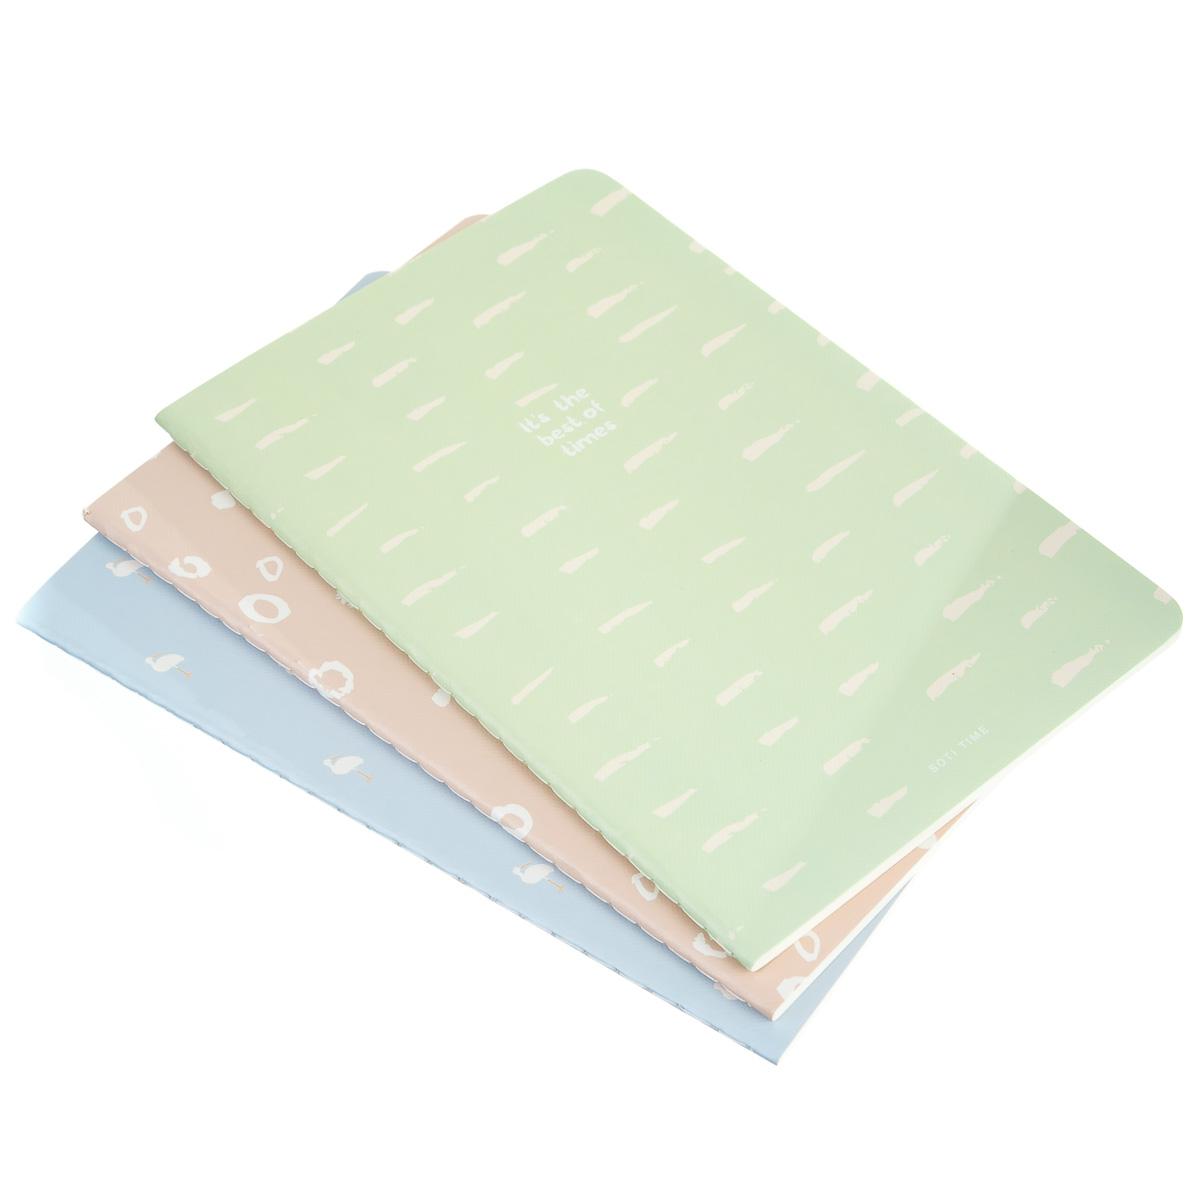 Тетрадь пастельного цвета в линию 38 листов 3 шт